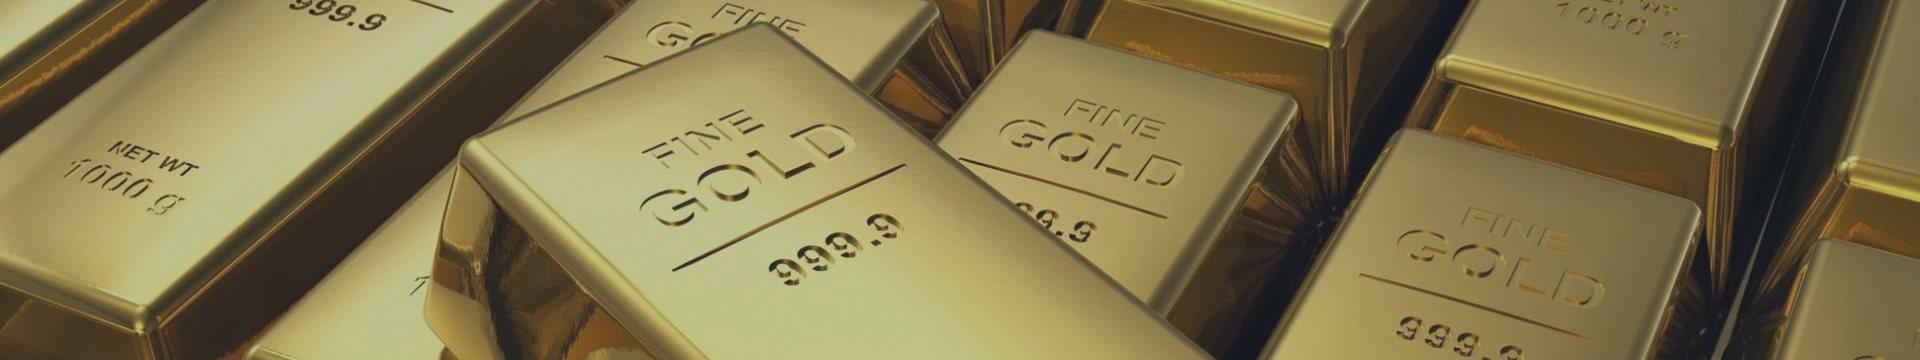 Россия увеличивает свои запасы золота с каждым месяцем